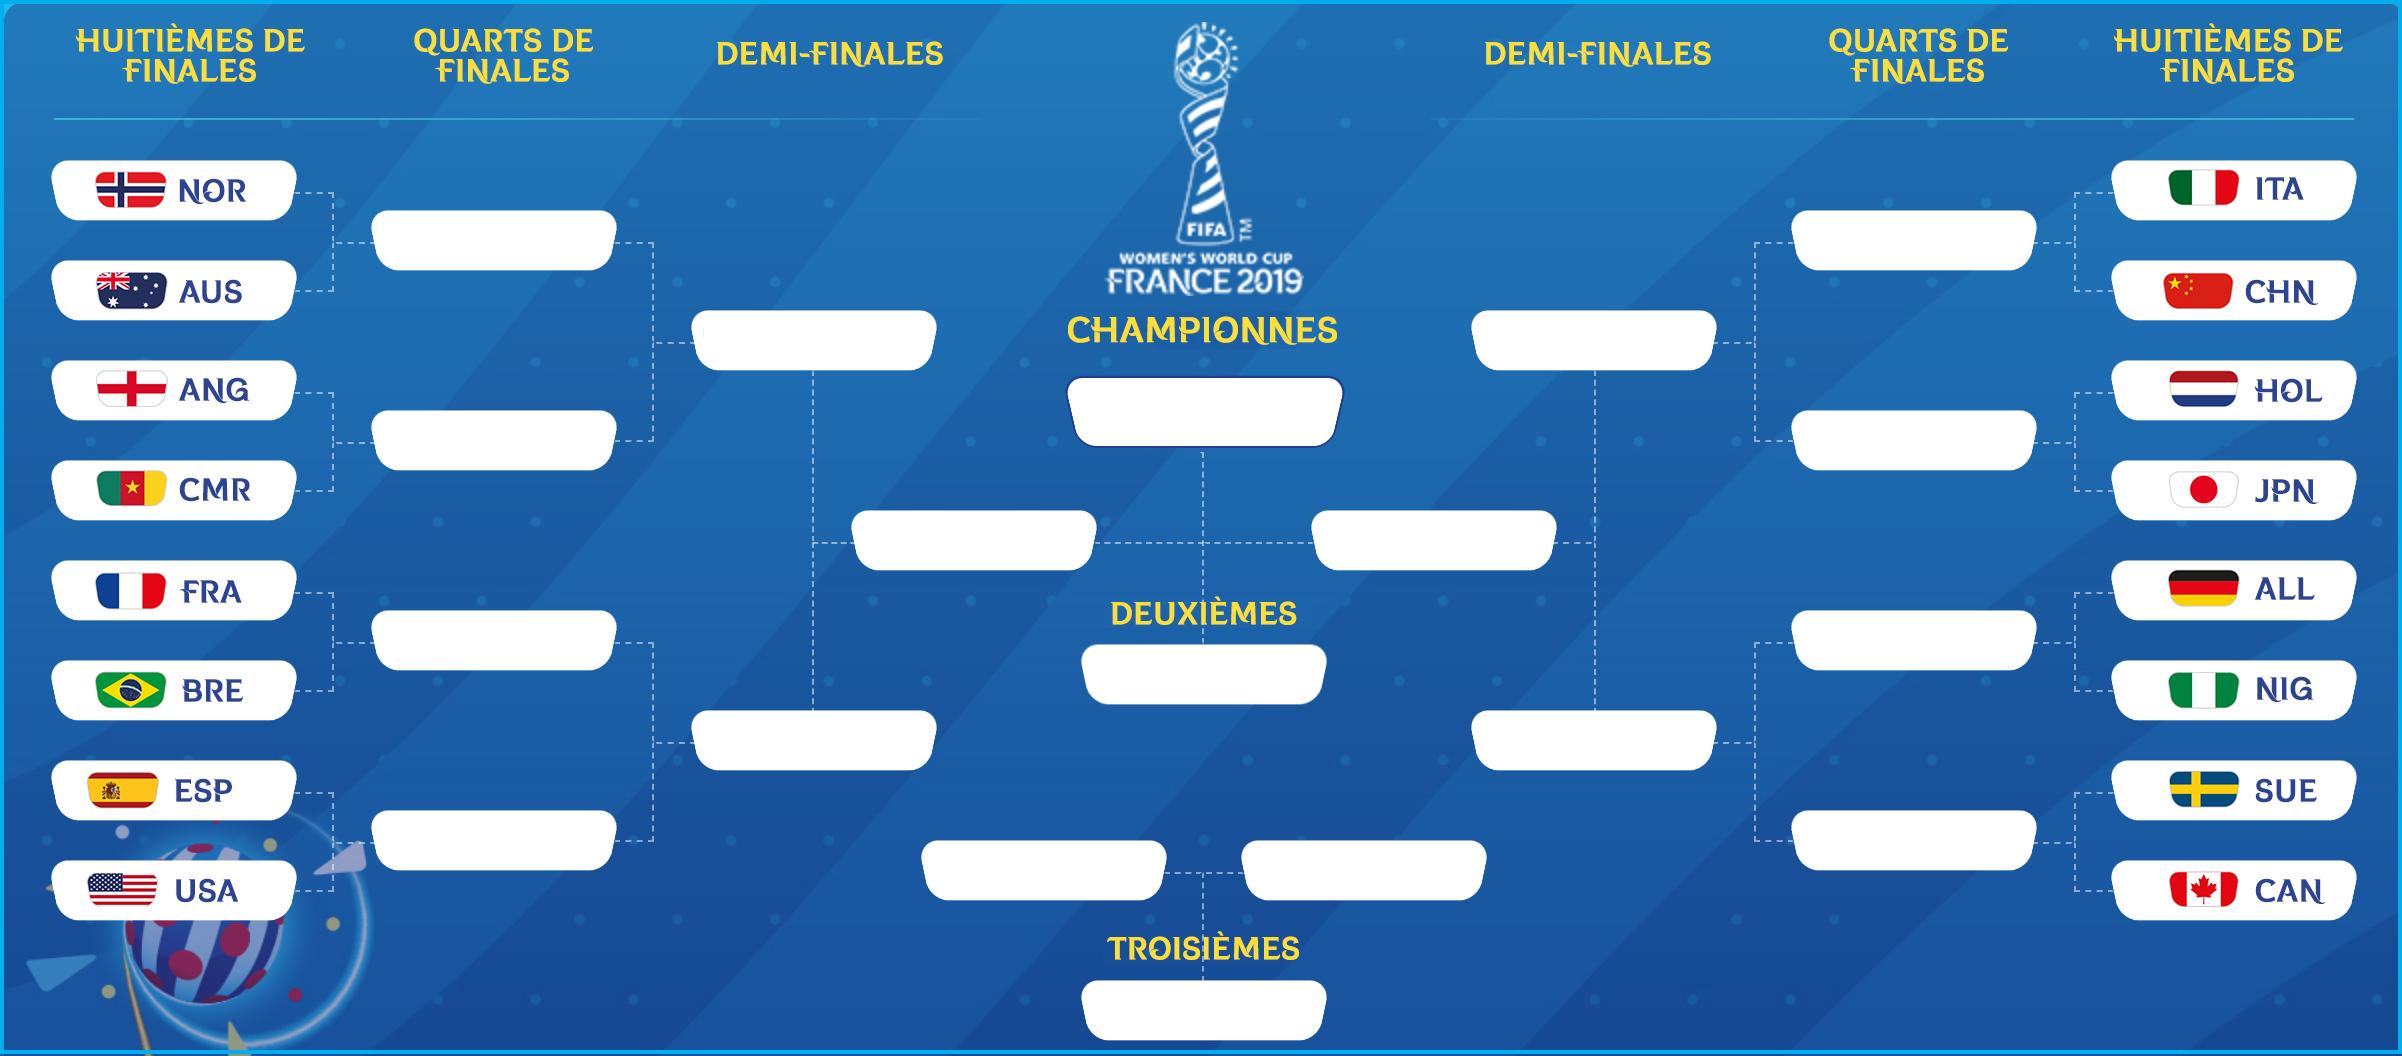 Tableau final Coupe du monde féminine 2019 - Huitièmes de finales